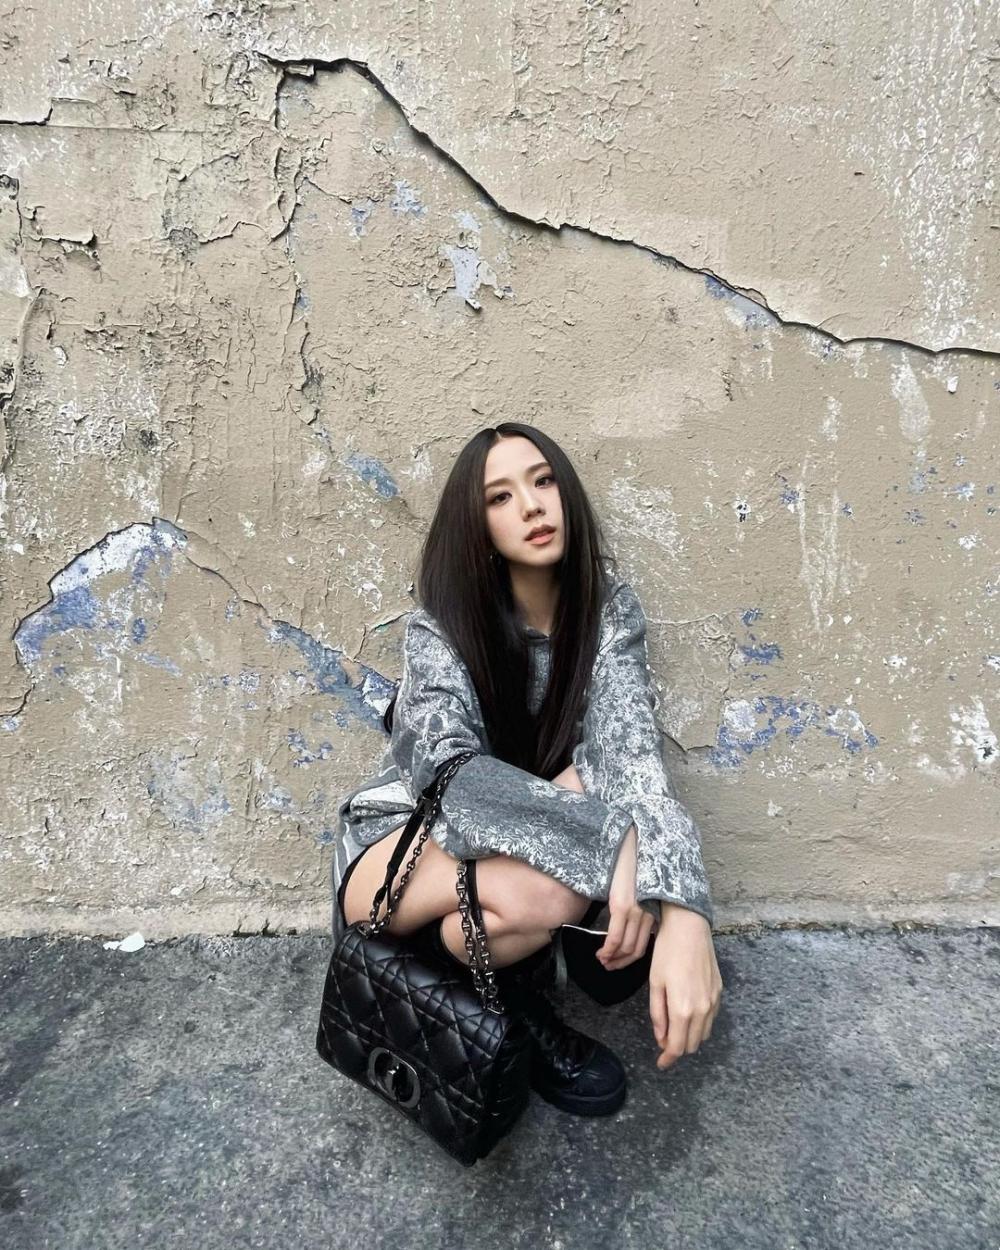 何黑色手袋款式「絎縫」元素都為整體帶來復古精緻氣息